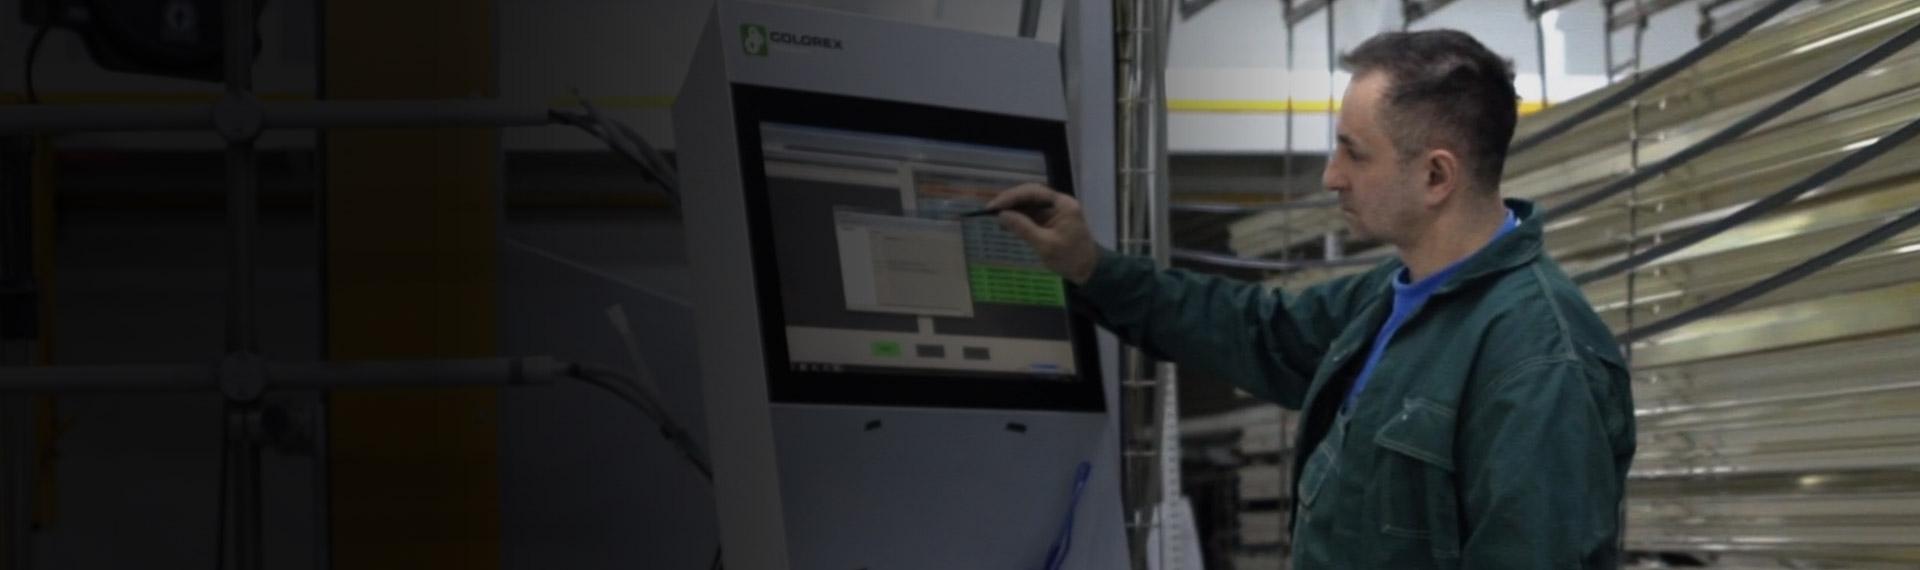 wdrożenie systemu erp w branży produkcyjnej banner wideo